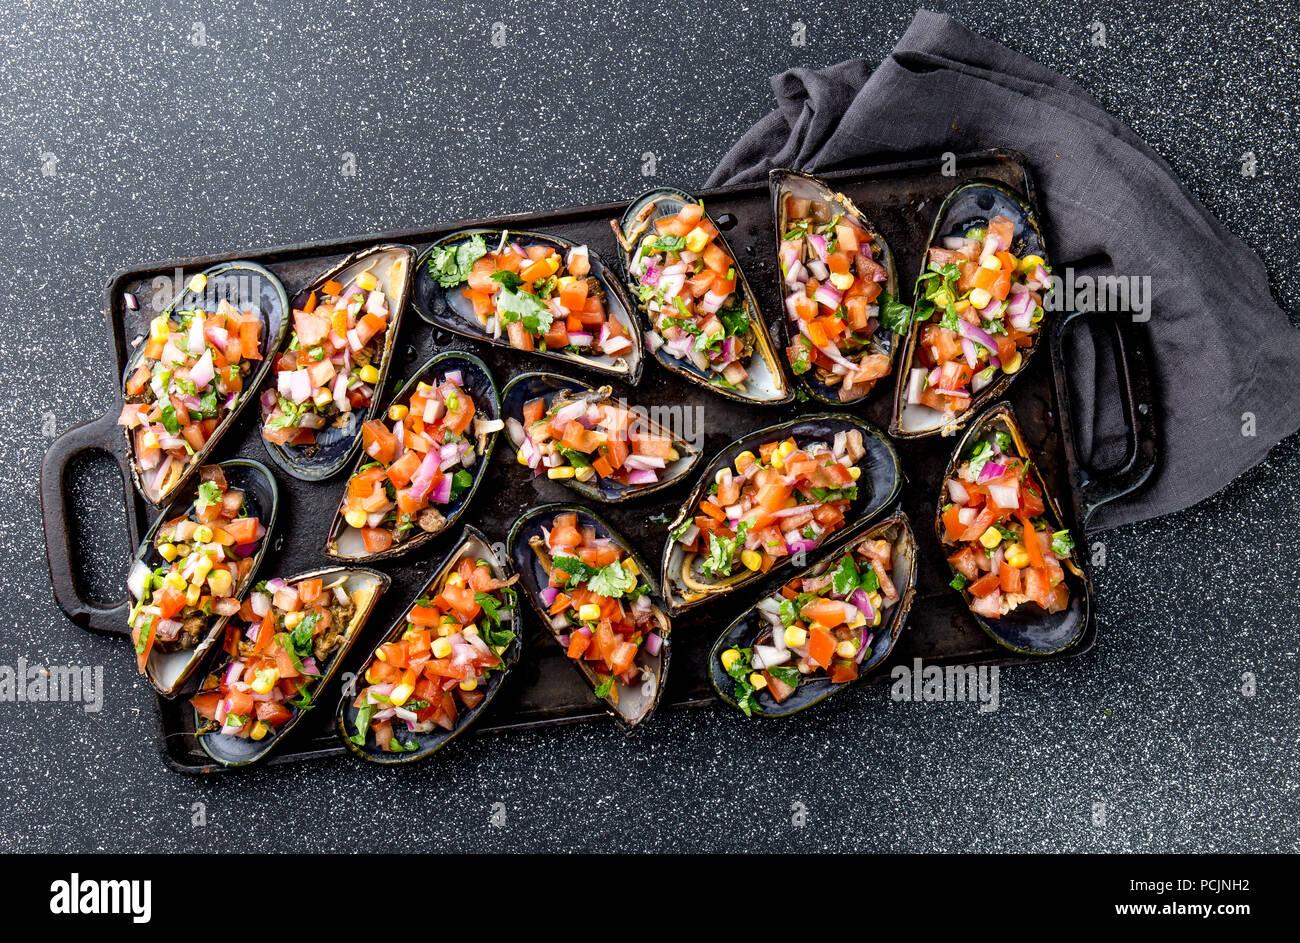 La cucina peruviana. Choros a la chalaca. Grande cozze, choros zapatos condito con viola, cipolla, pomodoro, mais e limone. Vista superiore, sfondo nero. Tradizionale piatto peruviano Immagini Stock